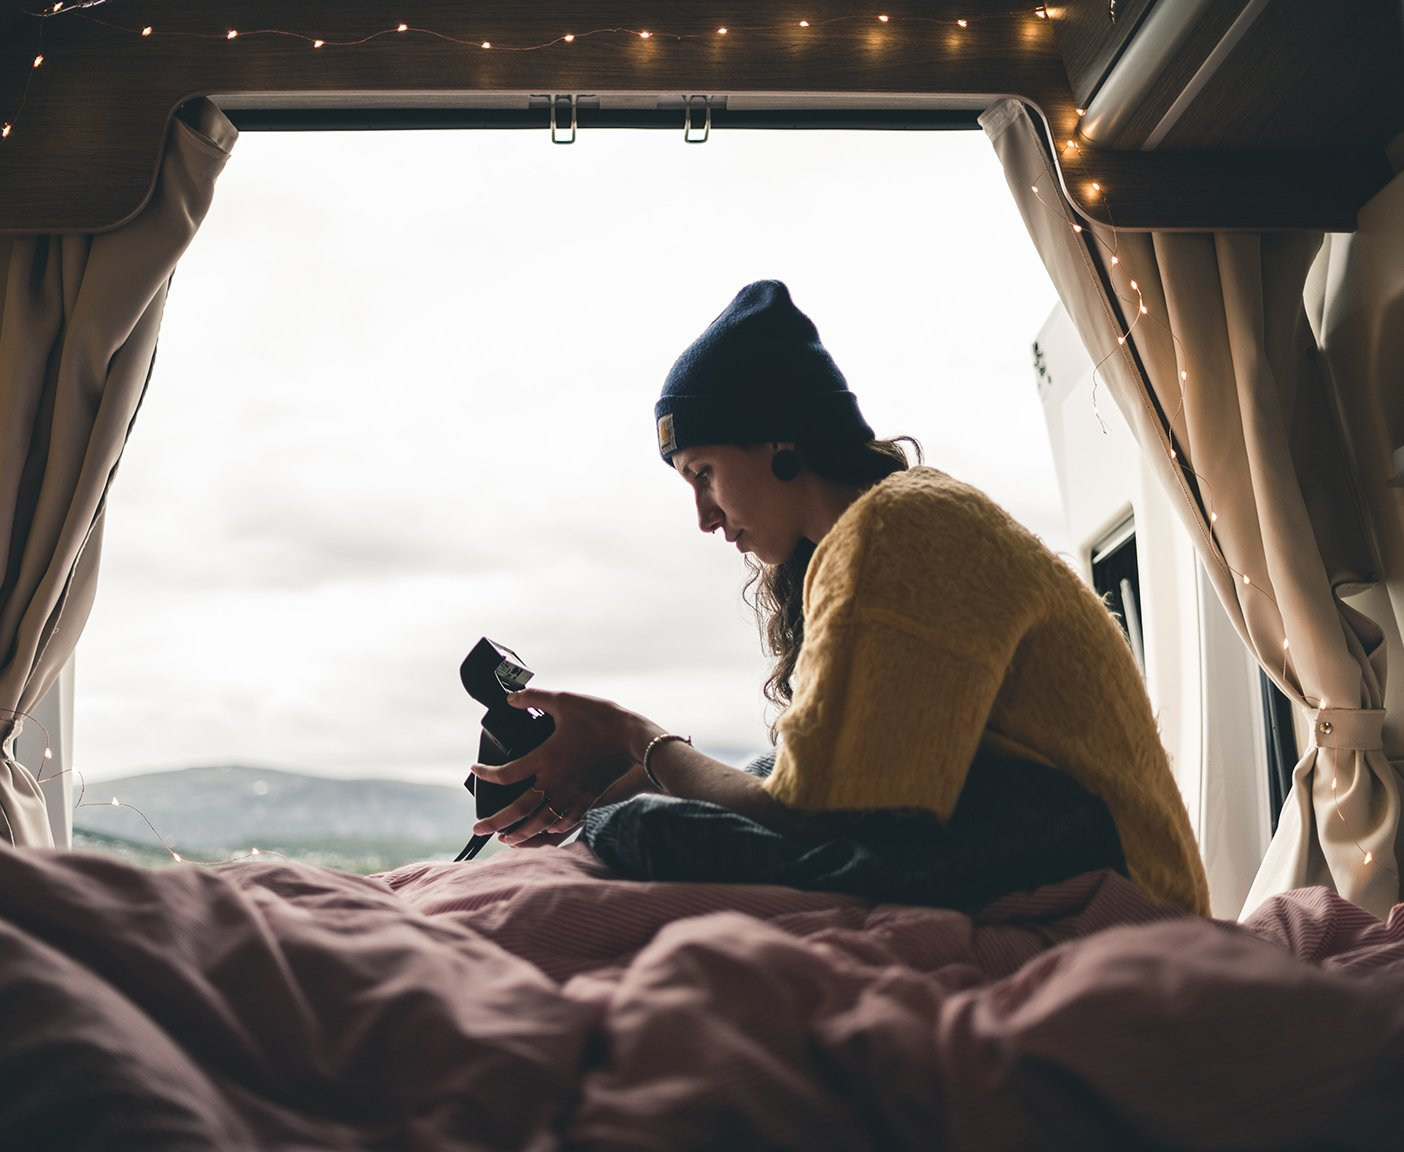 Frau im Camper mit Aussicht